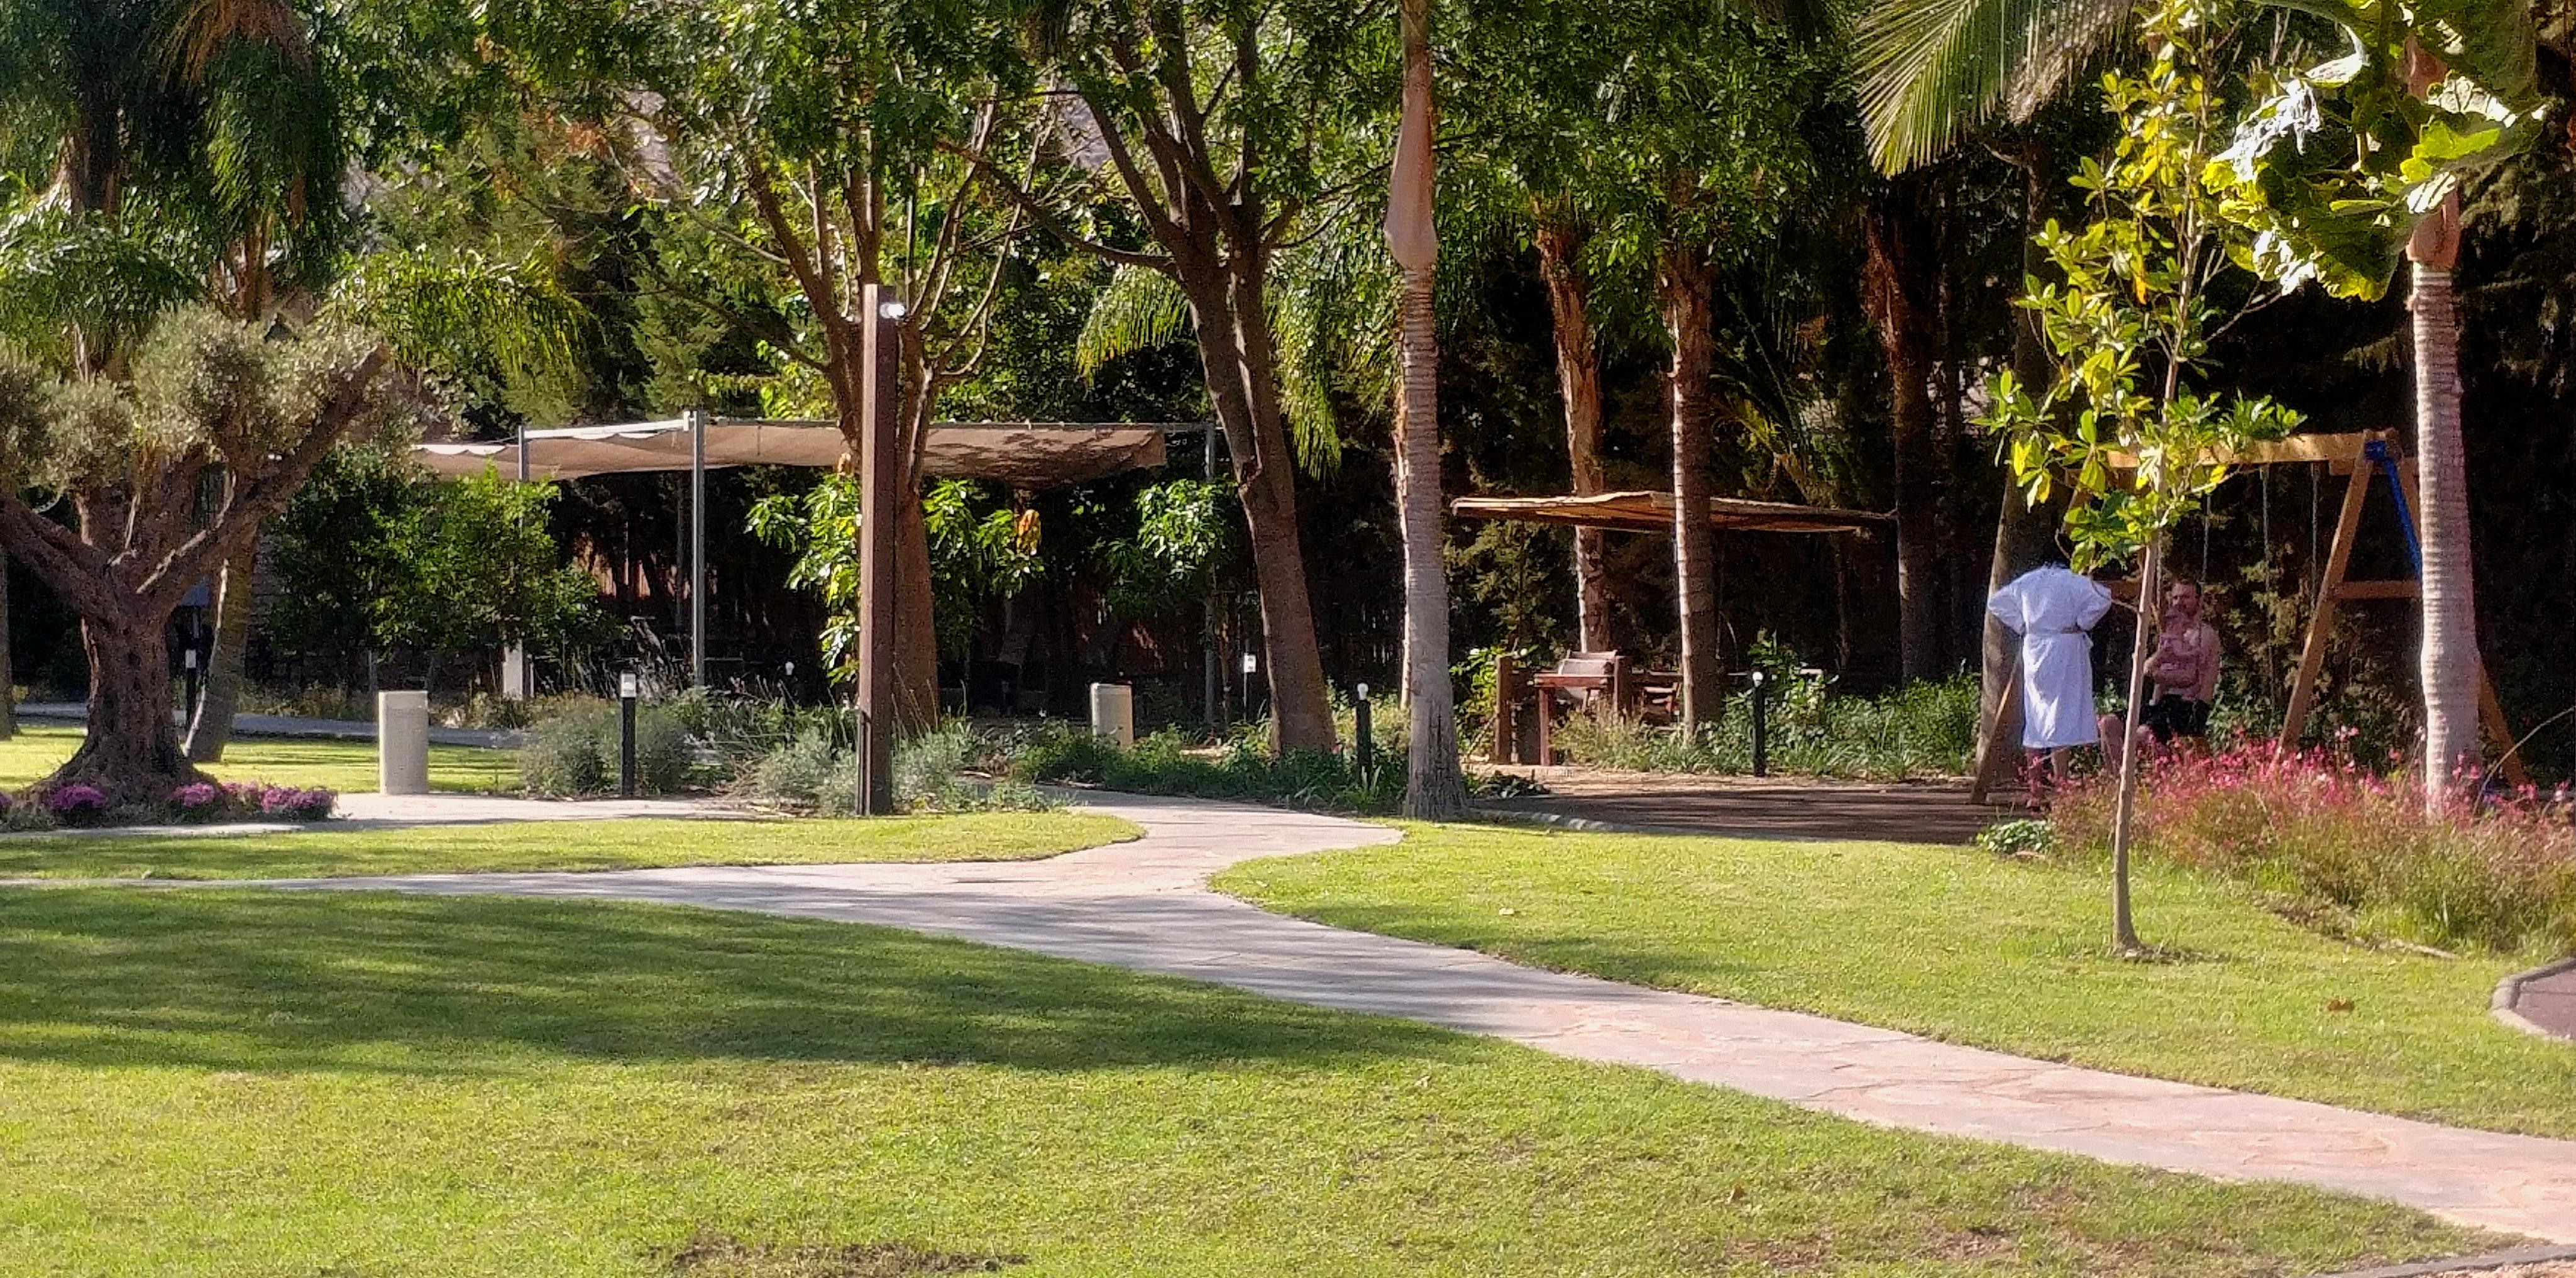 גן במלון חלומות נפתלי. גליל עליון (2)